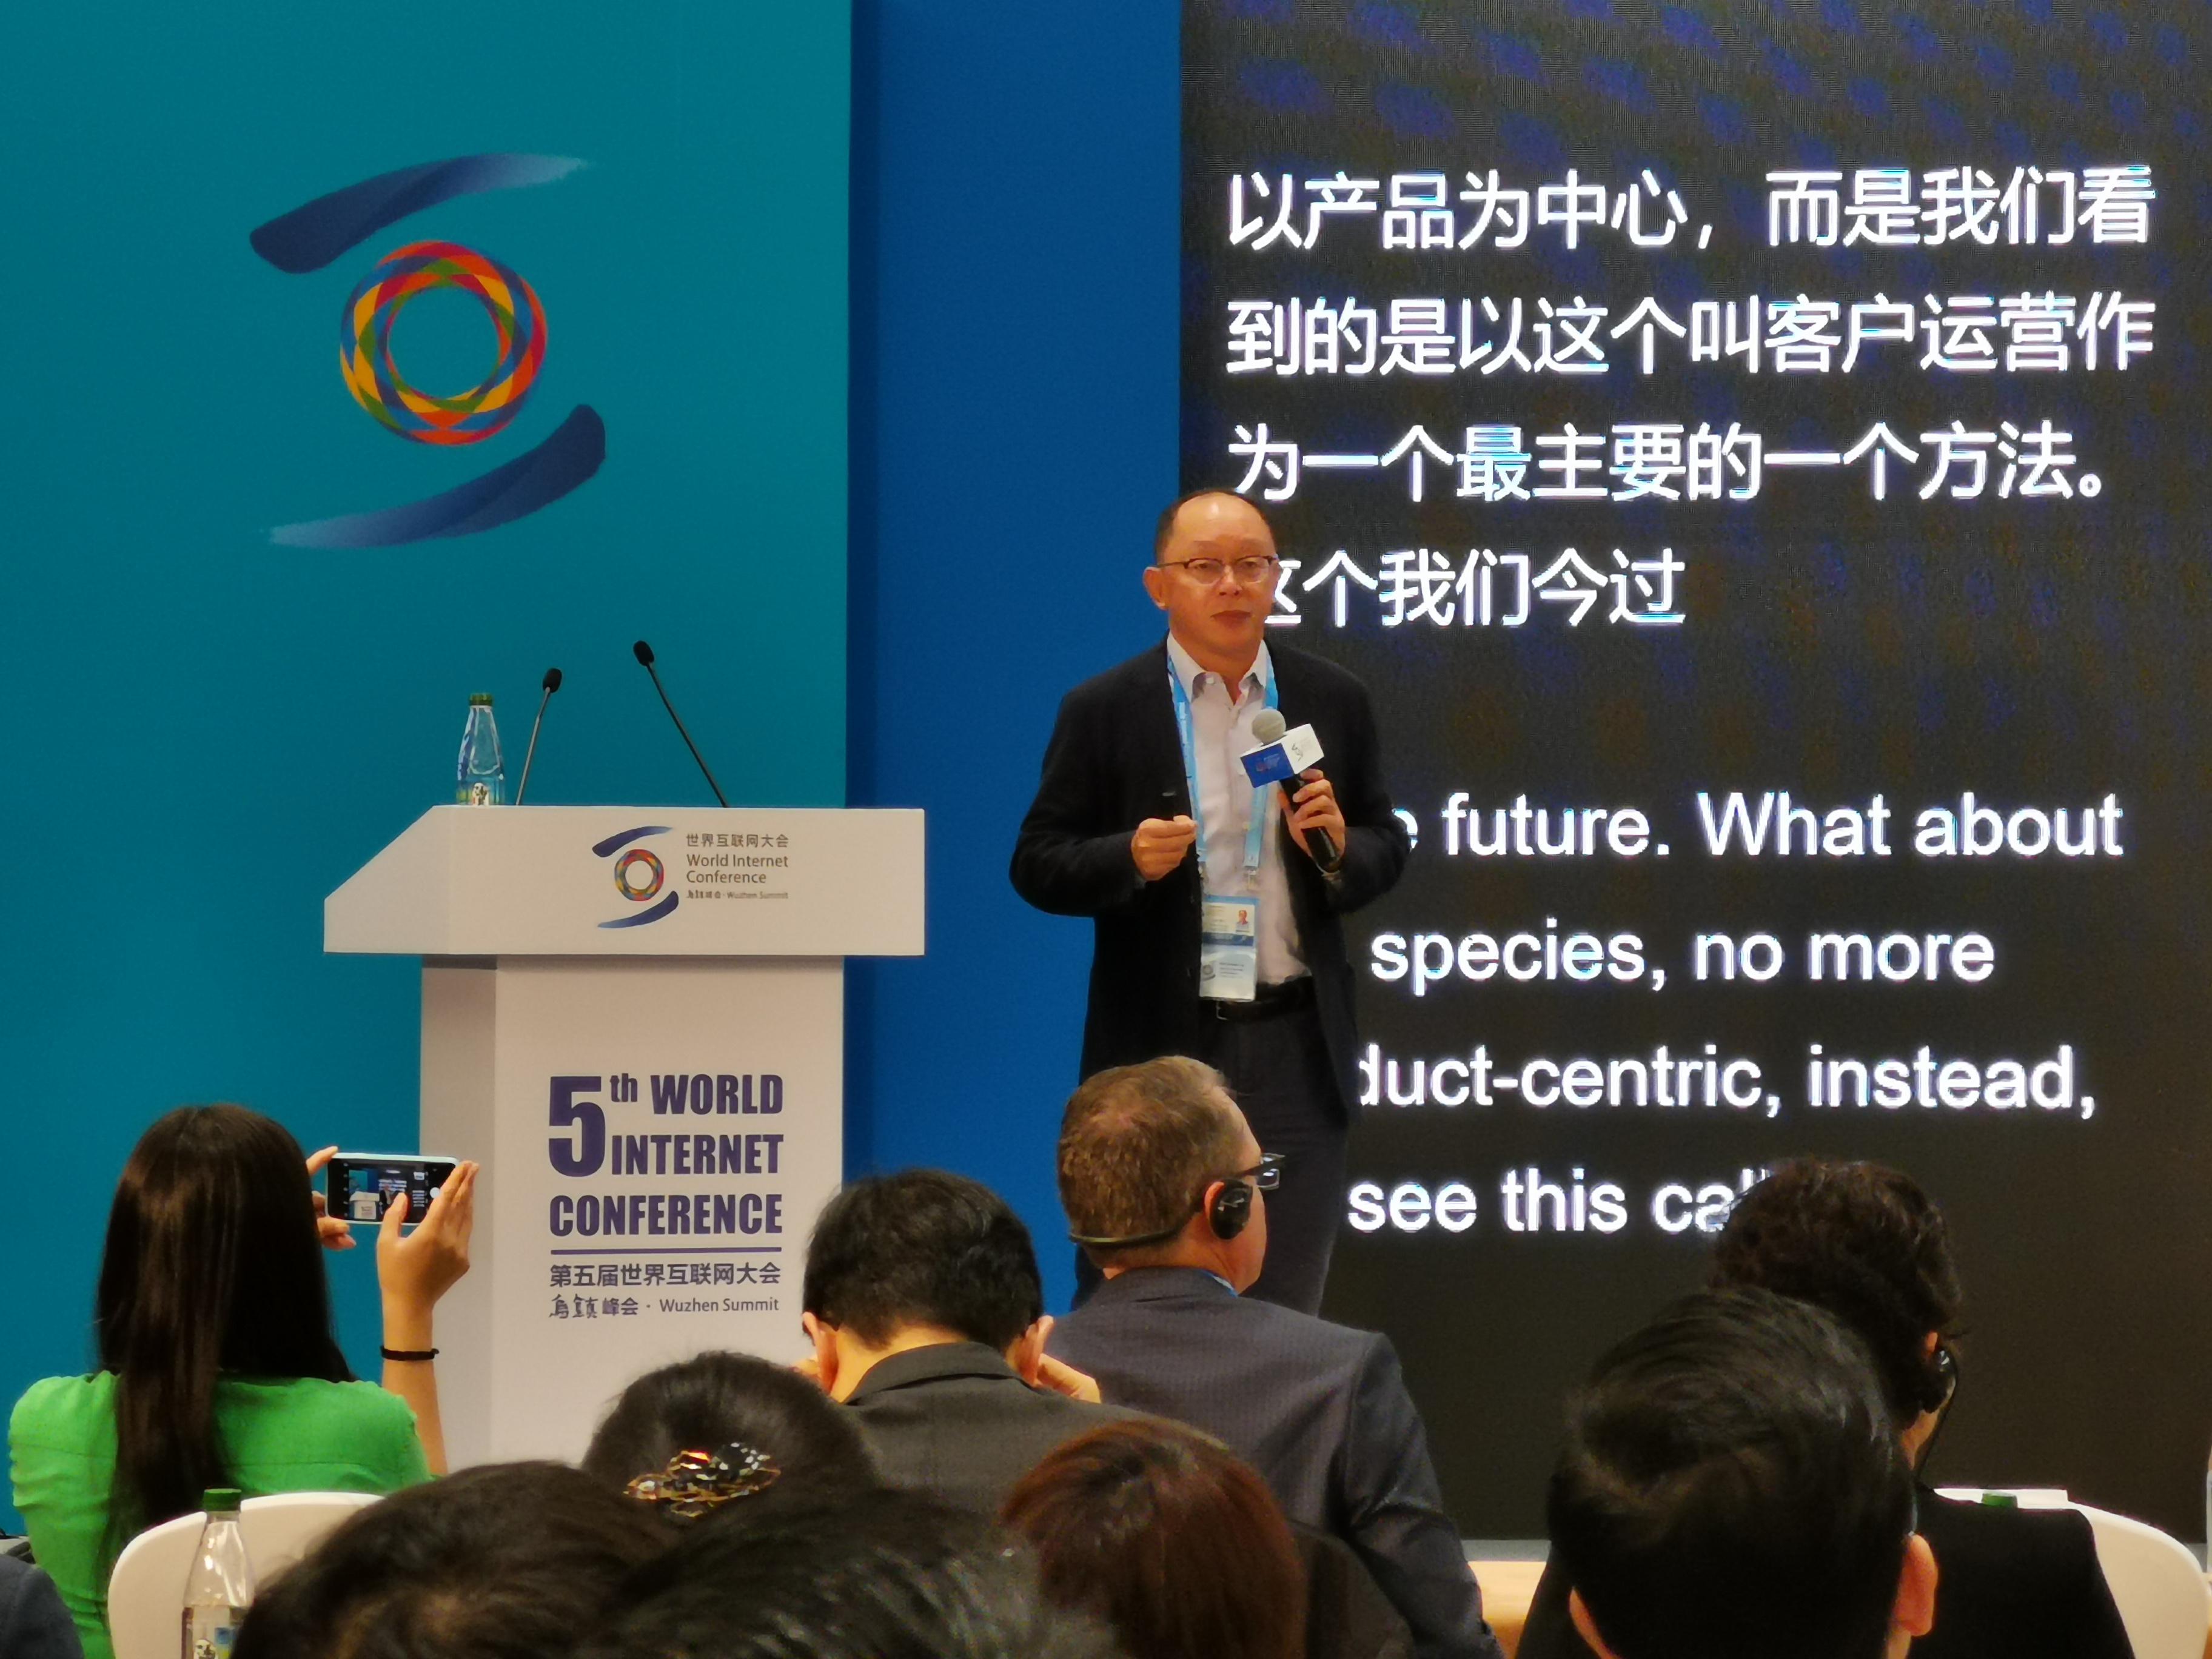 田溯宁:万物互联将催生全新企业物种 不以产品为中心